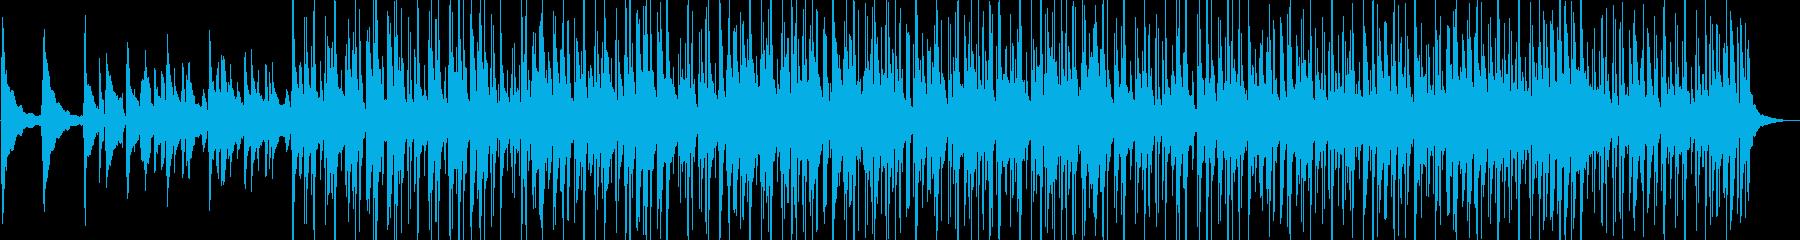 初夏の情景にあうアコギBGMの再生済みの波形